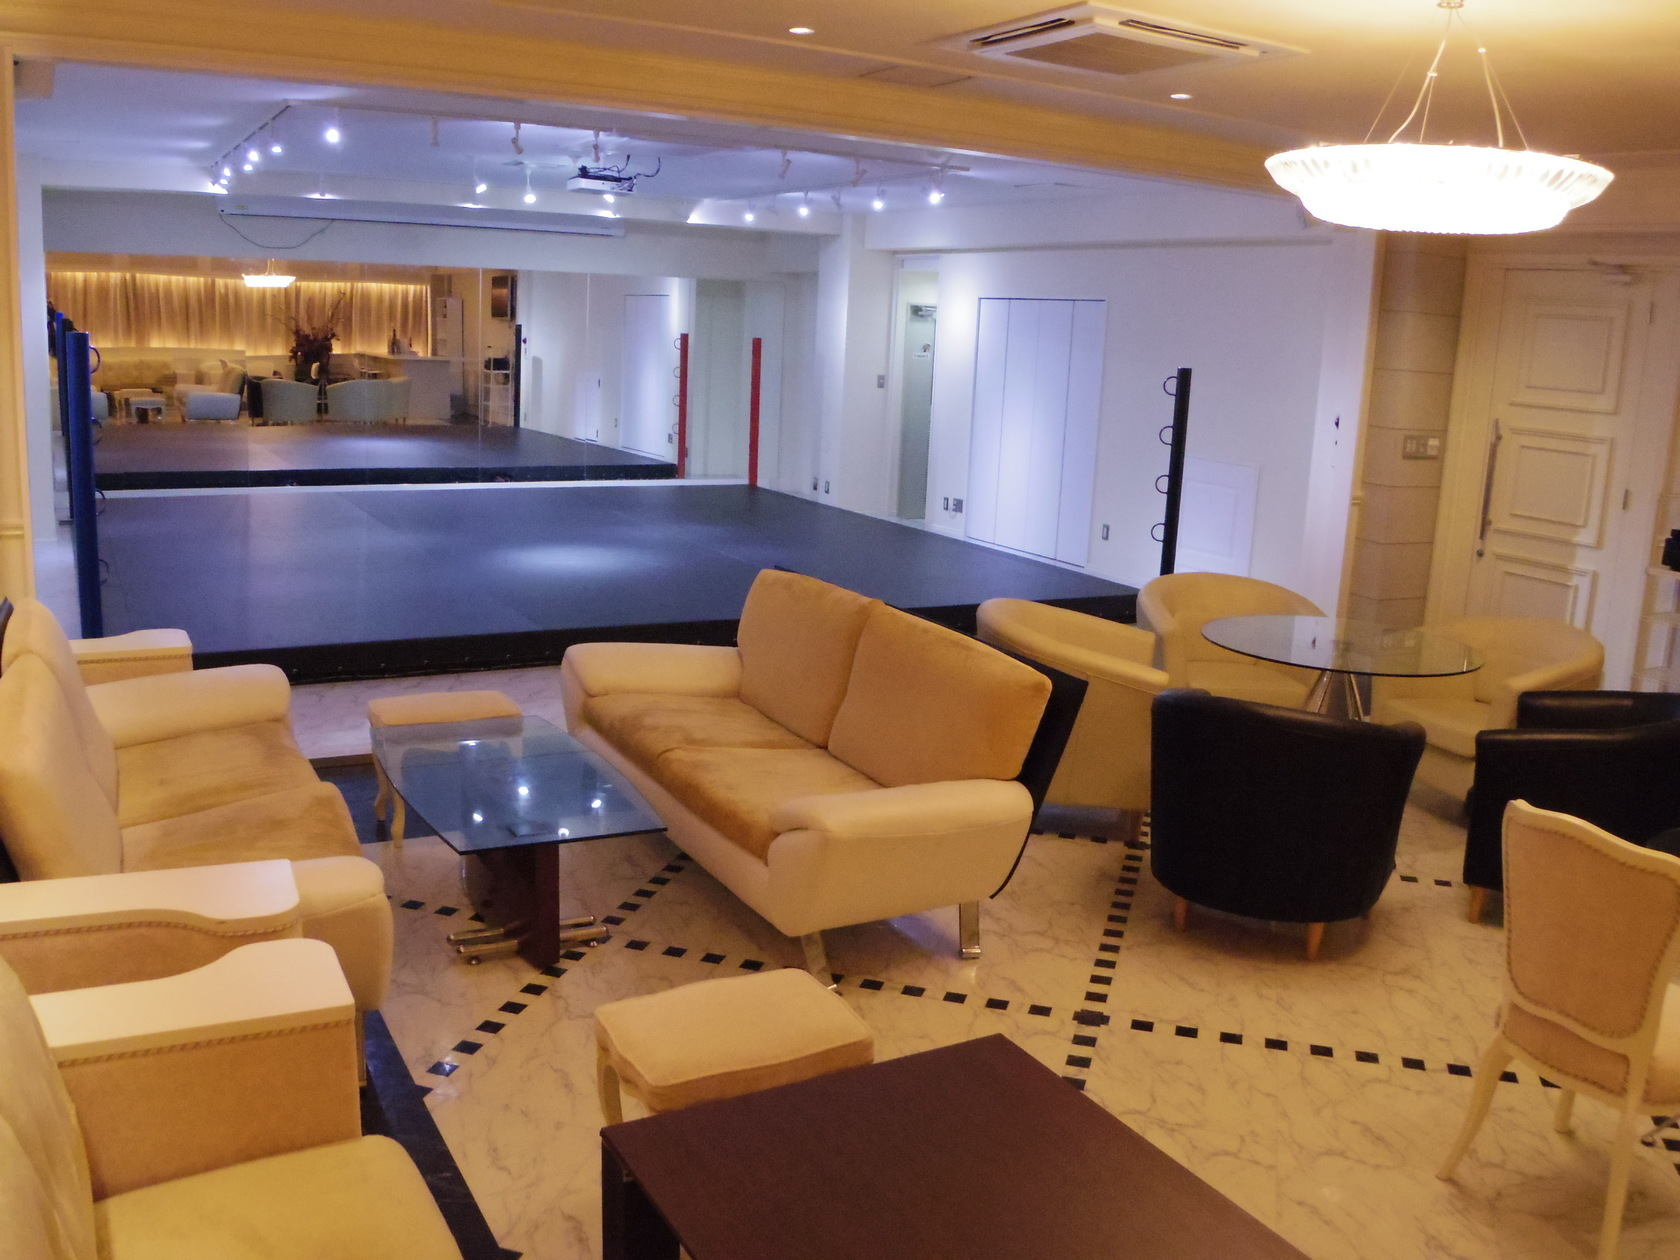 【横浜駅徒歩圏内】60人収容可能なレンタルスペースでオリジナルパーティーを開催しませんか!?(レンタルホール・イベントスペース プレジャーホール横浜 ) の写真0